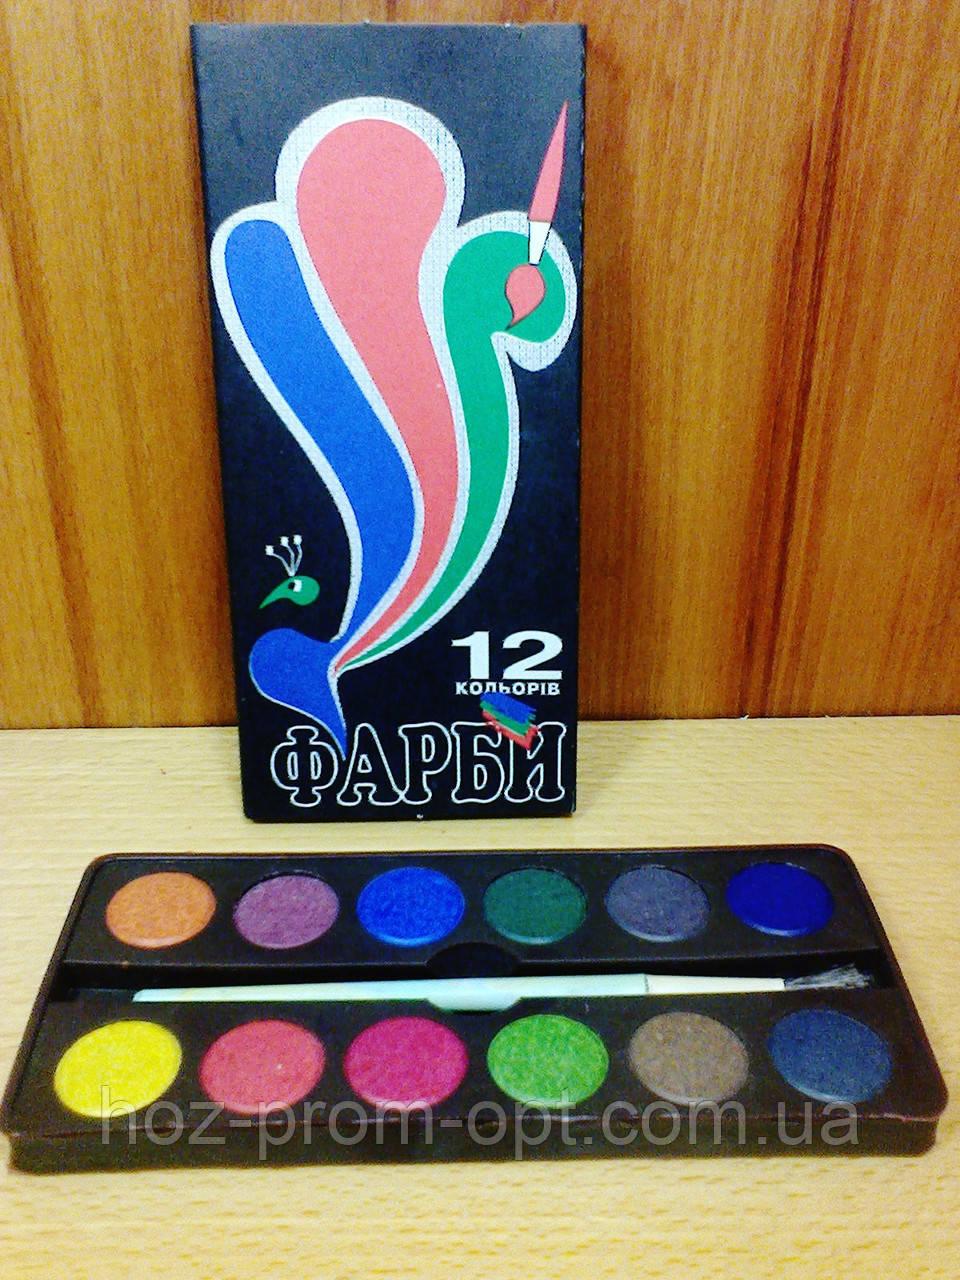 Фарби акварельні, 12 кольорів з пензликом, Україна.